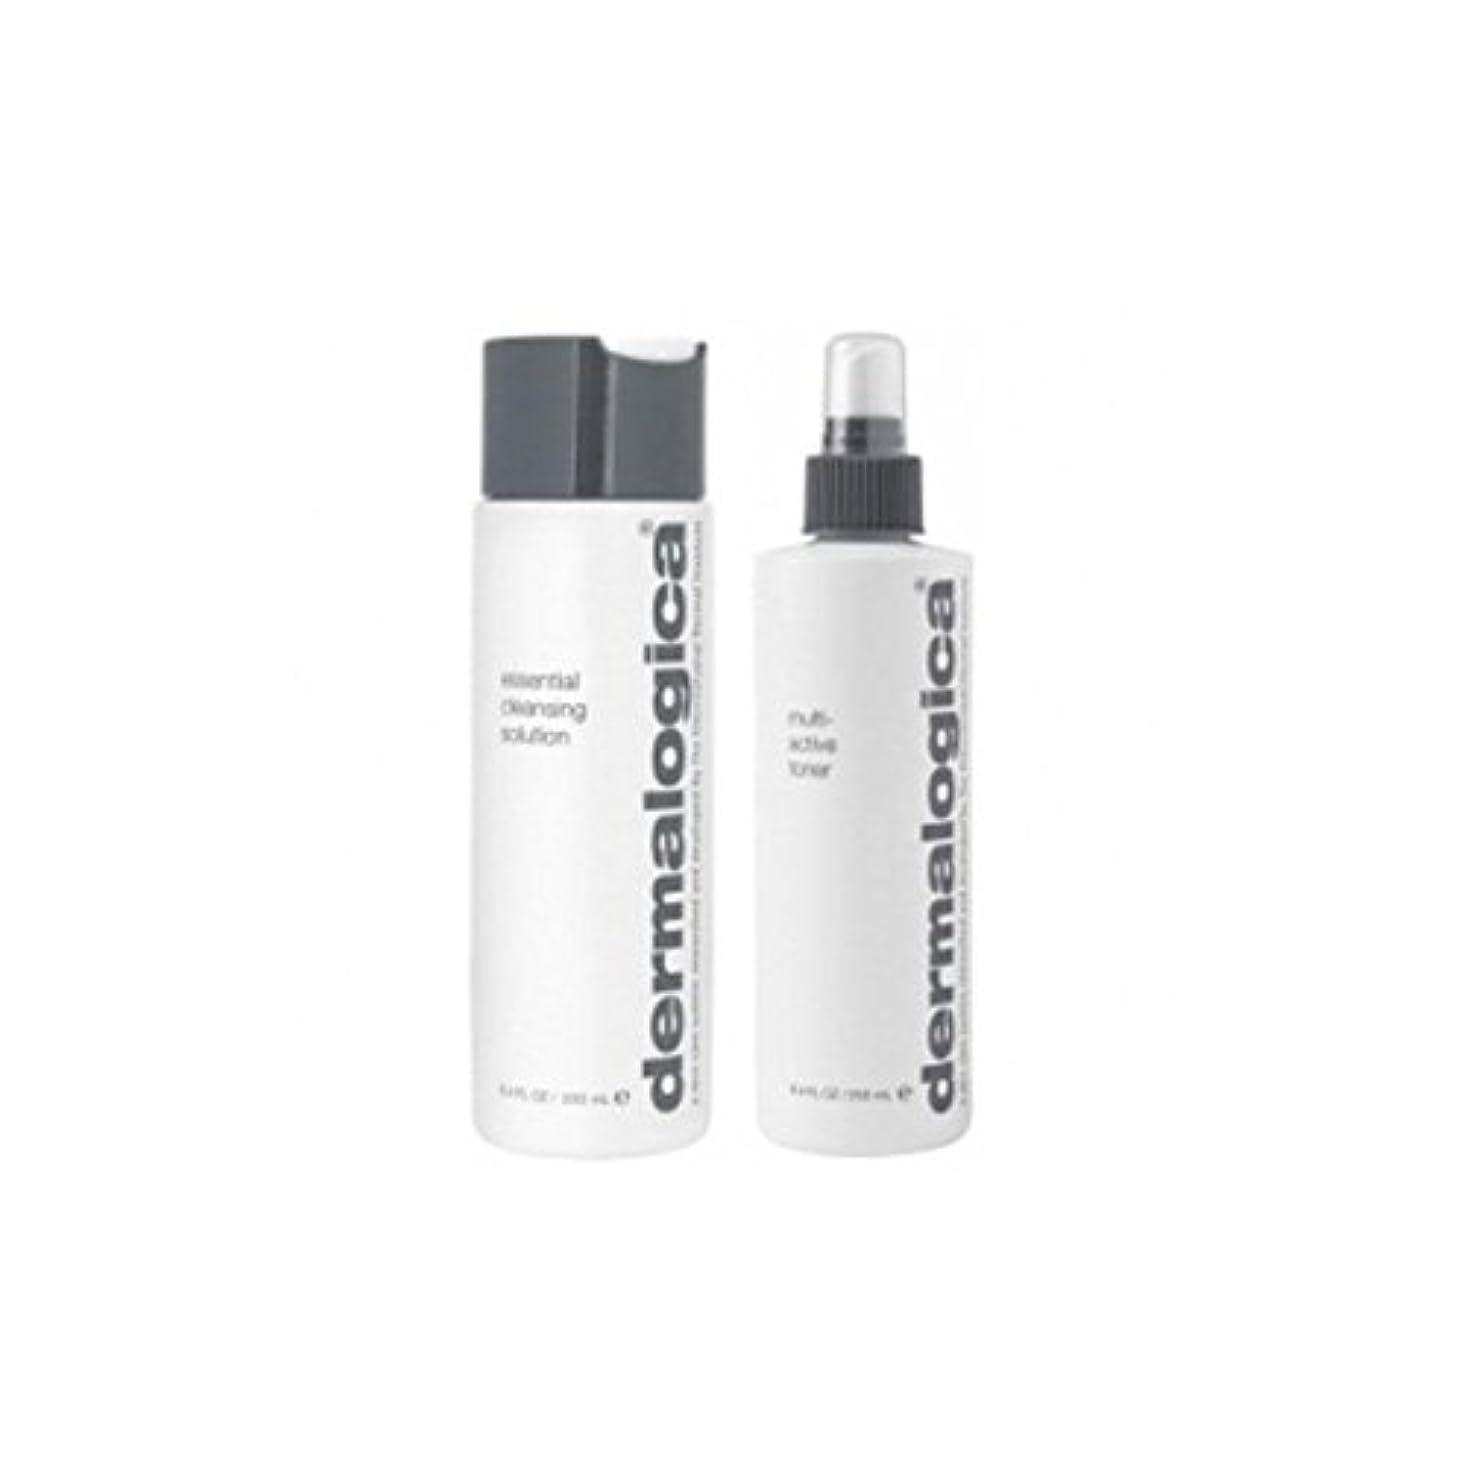 フルーティータービン北米ダーマロジカクレンジング&トーンデュオ - 乾燥肌 x4 - Dermalogica Cleanse & Tone Duo - Dry Skin (Pack of 4) [並行輸入品]